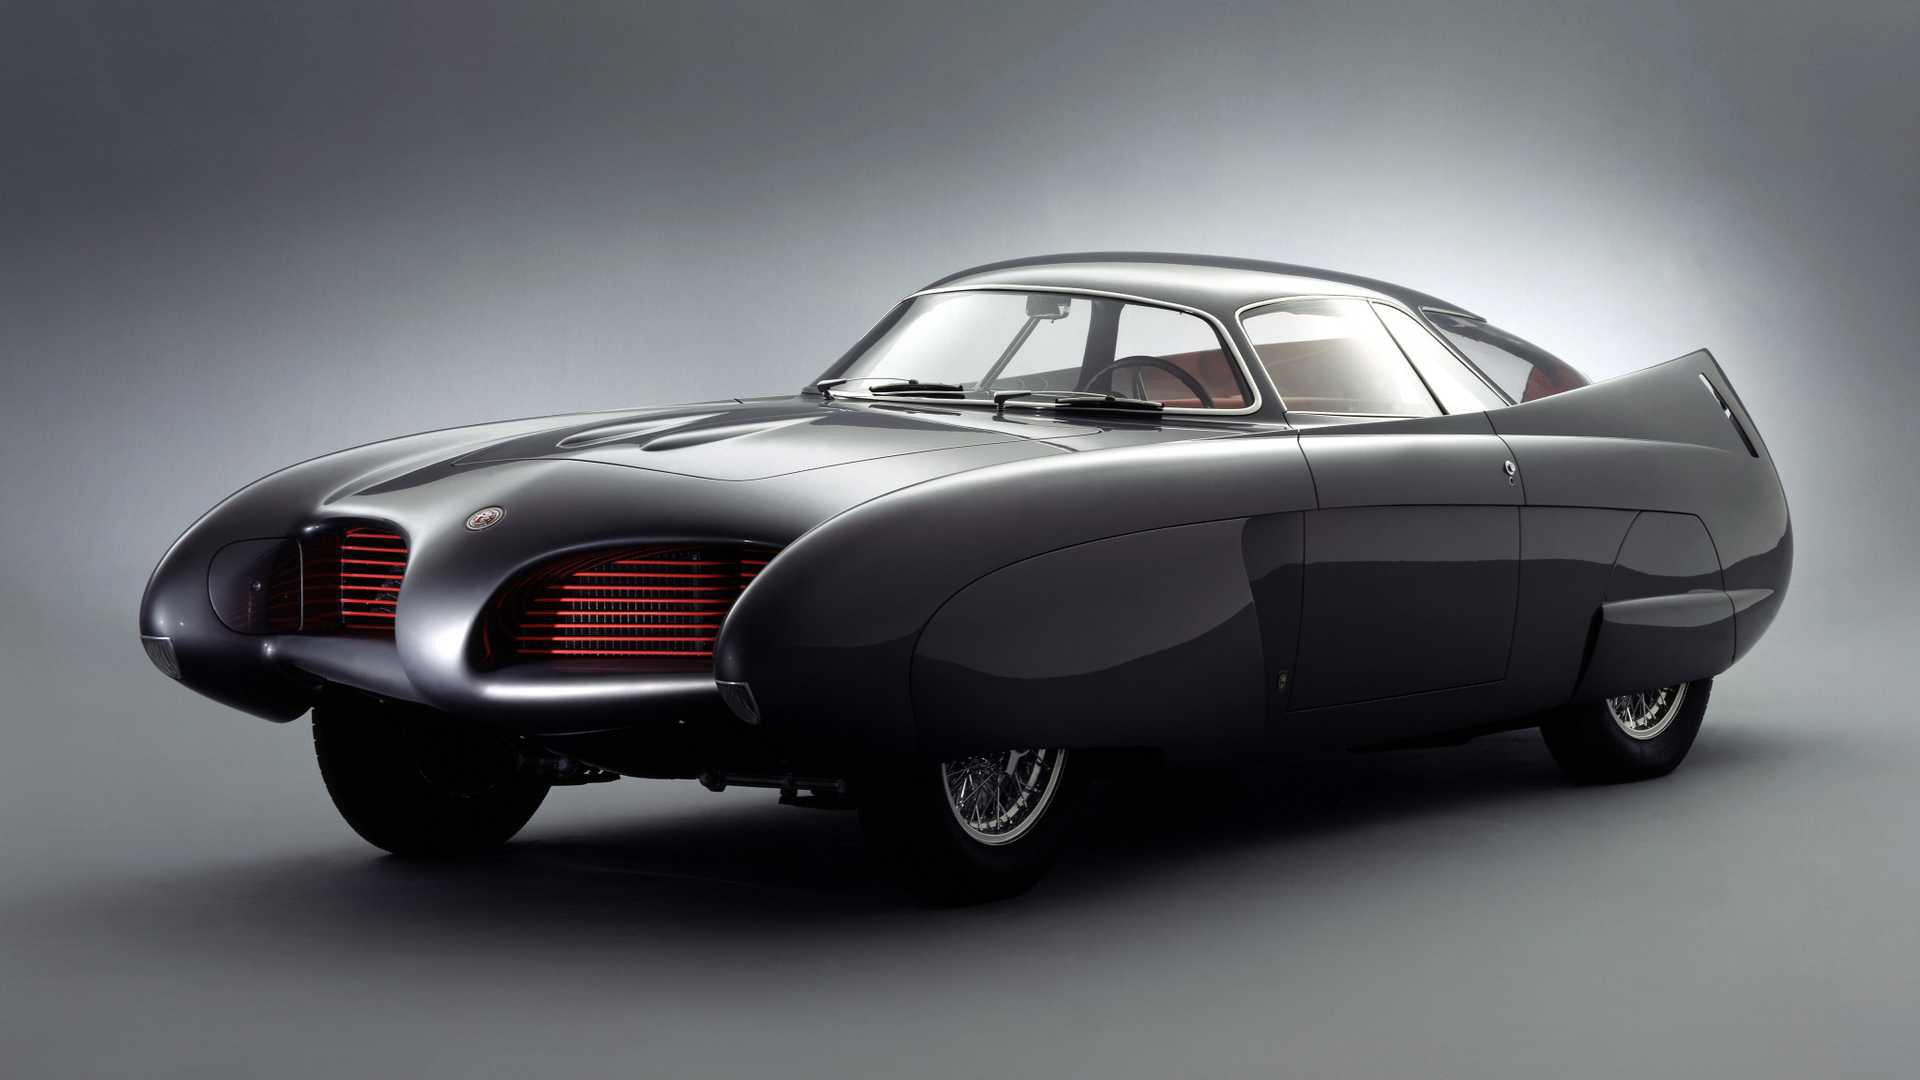 Alfa Romeo B.A.T. 5 concept by Franco Scaglione/Bertone